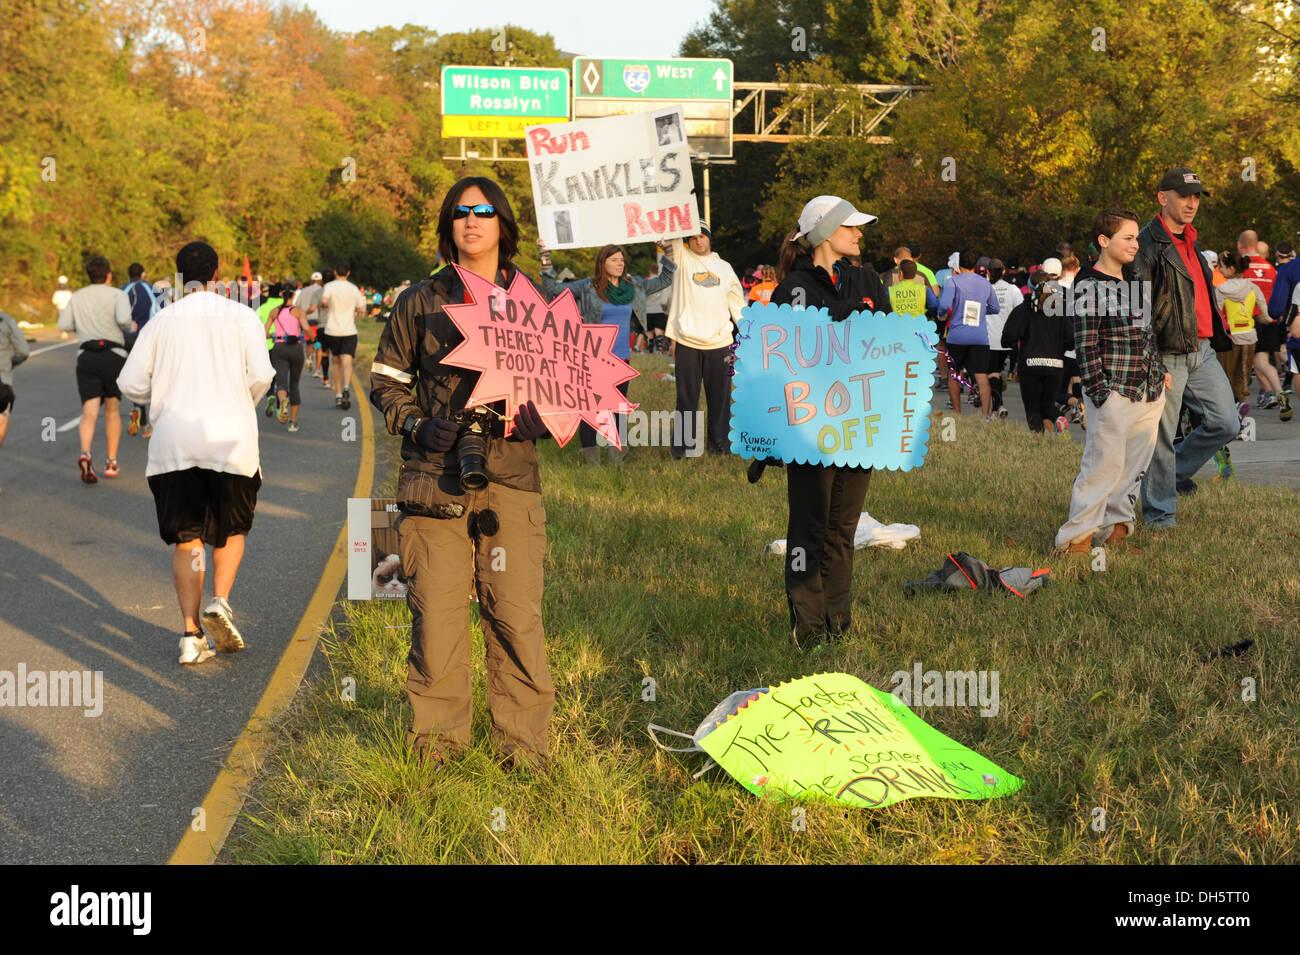 Signes et tenir les partisans d'encourager les participants au cours de la 38e conférence annuelle de Corps Maraine Marathon, Washington, D.C., Octobre 27, 2013. Photo Stock